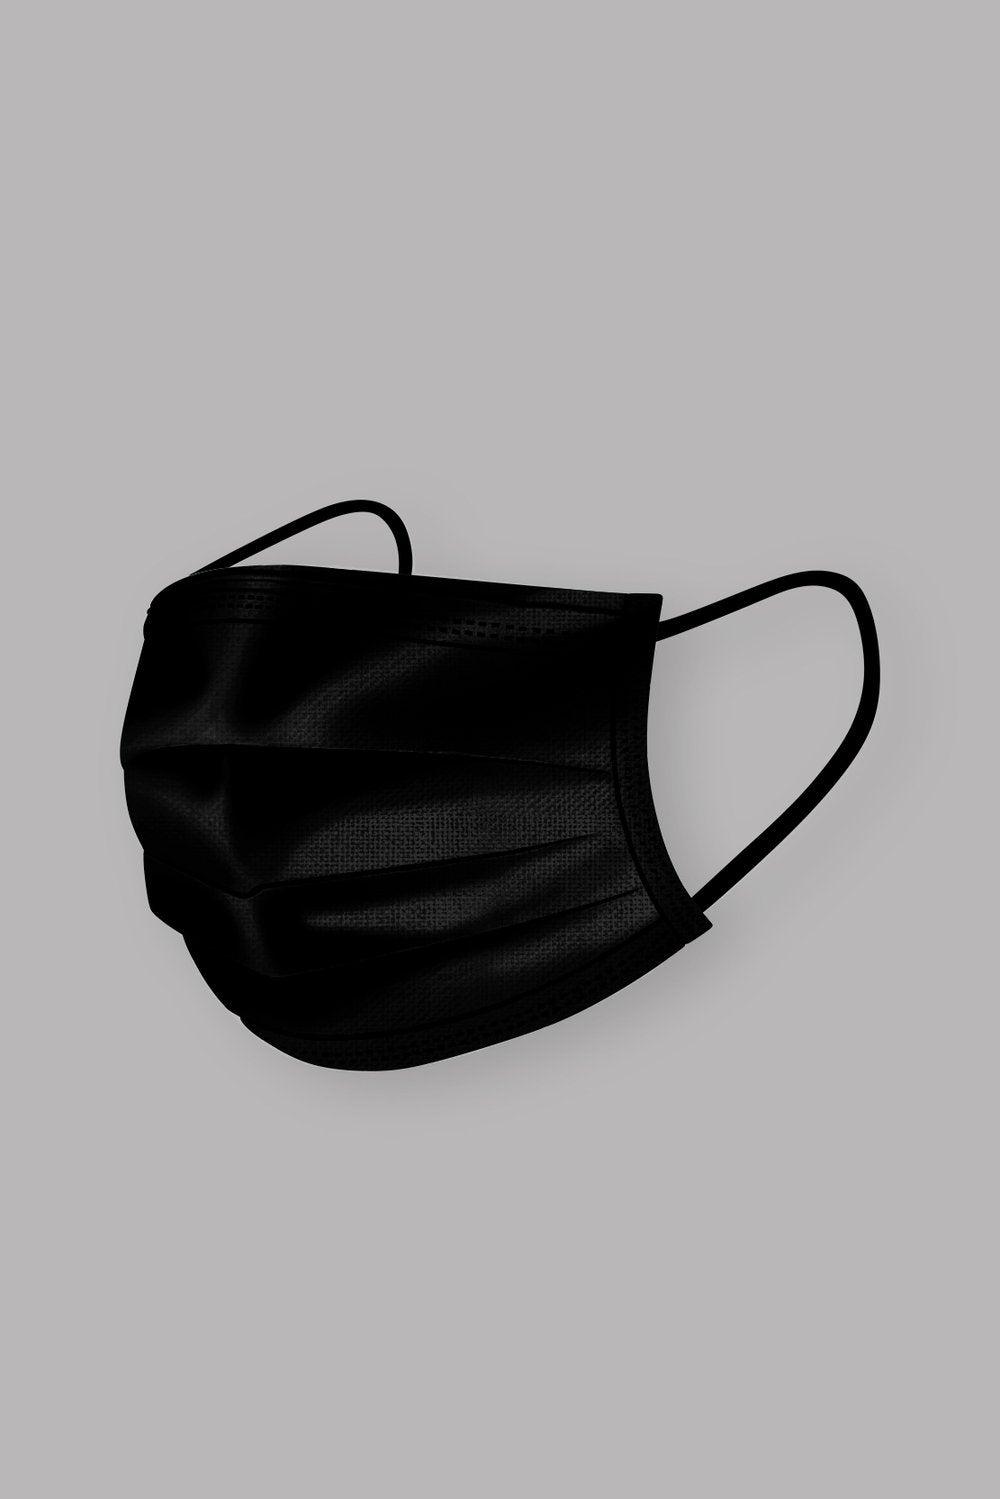 MASKC Midnight Face Masks - 10 Pack